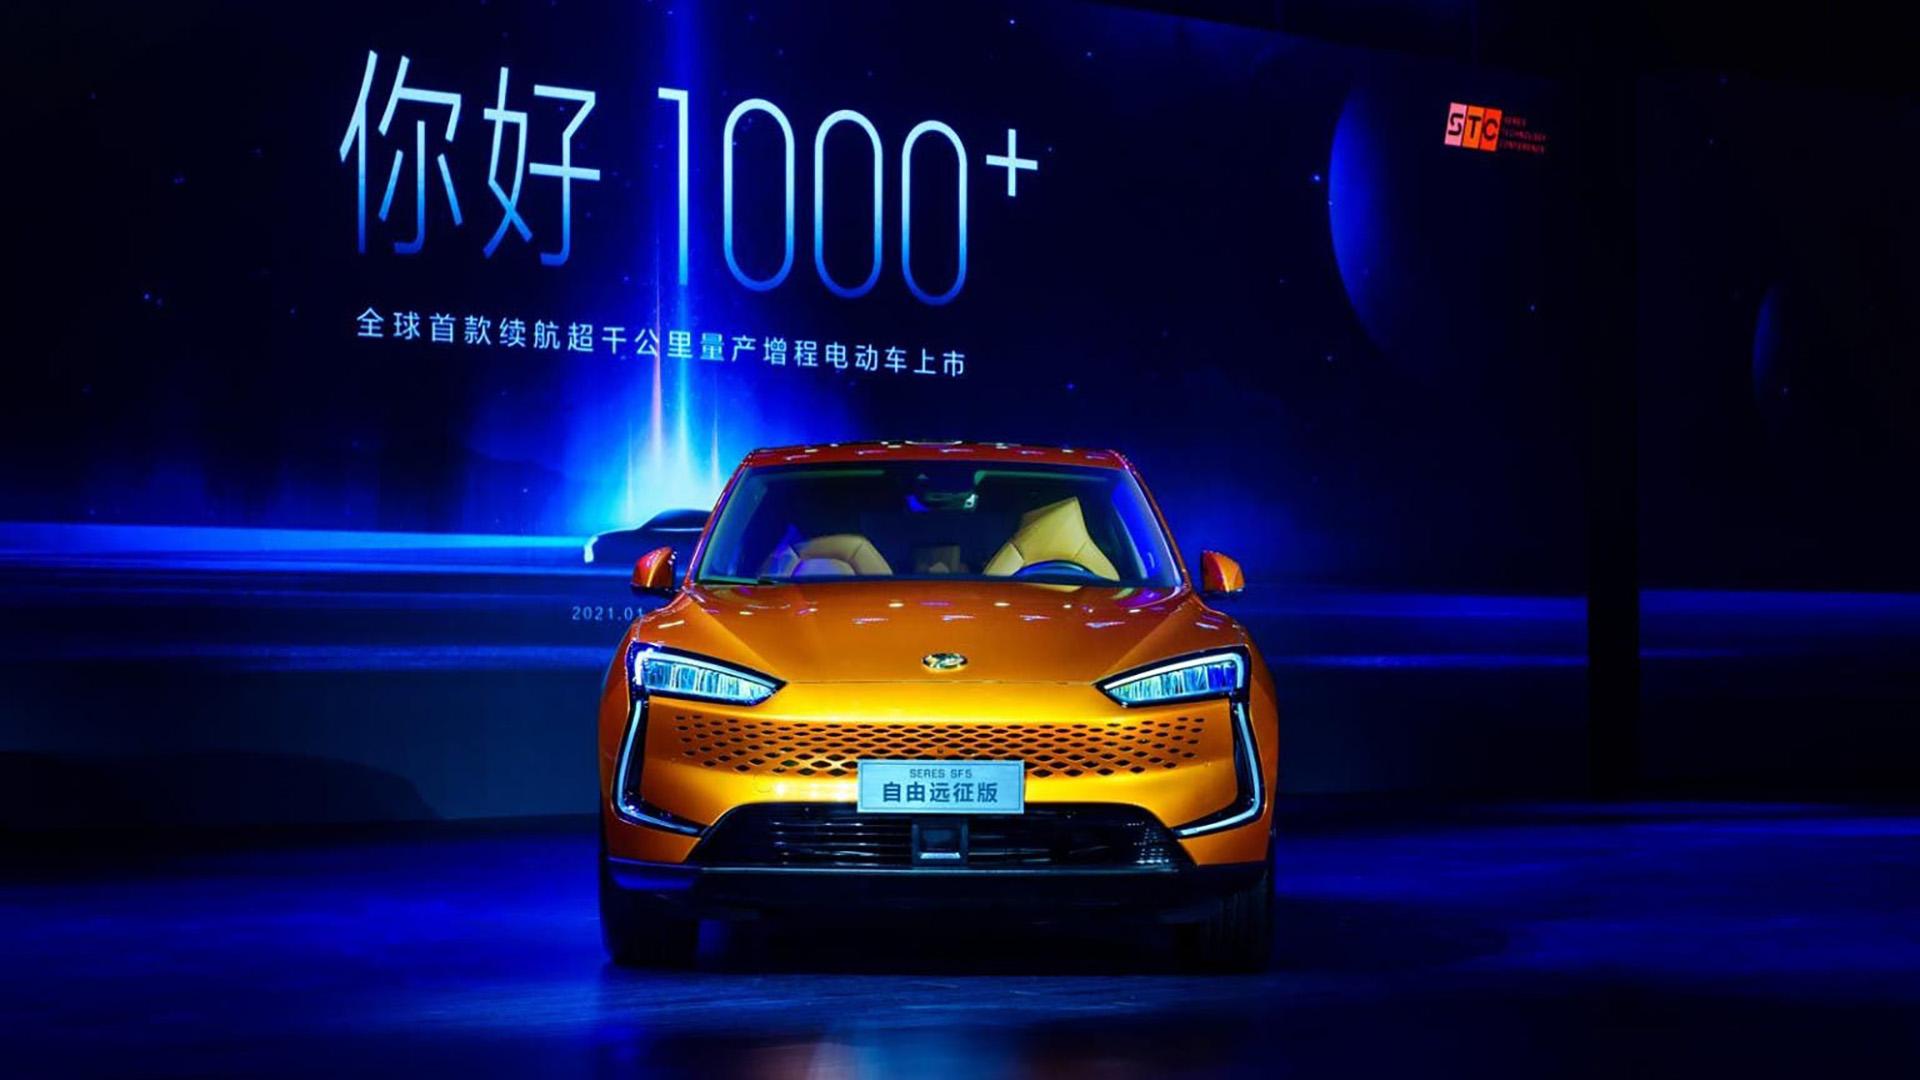 Δείτε πως σχεδιάζει η Huawei να μπει στην αγορά των ηλεκτρικών αυτοκινήτων